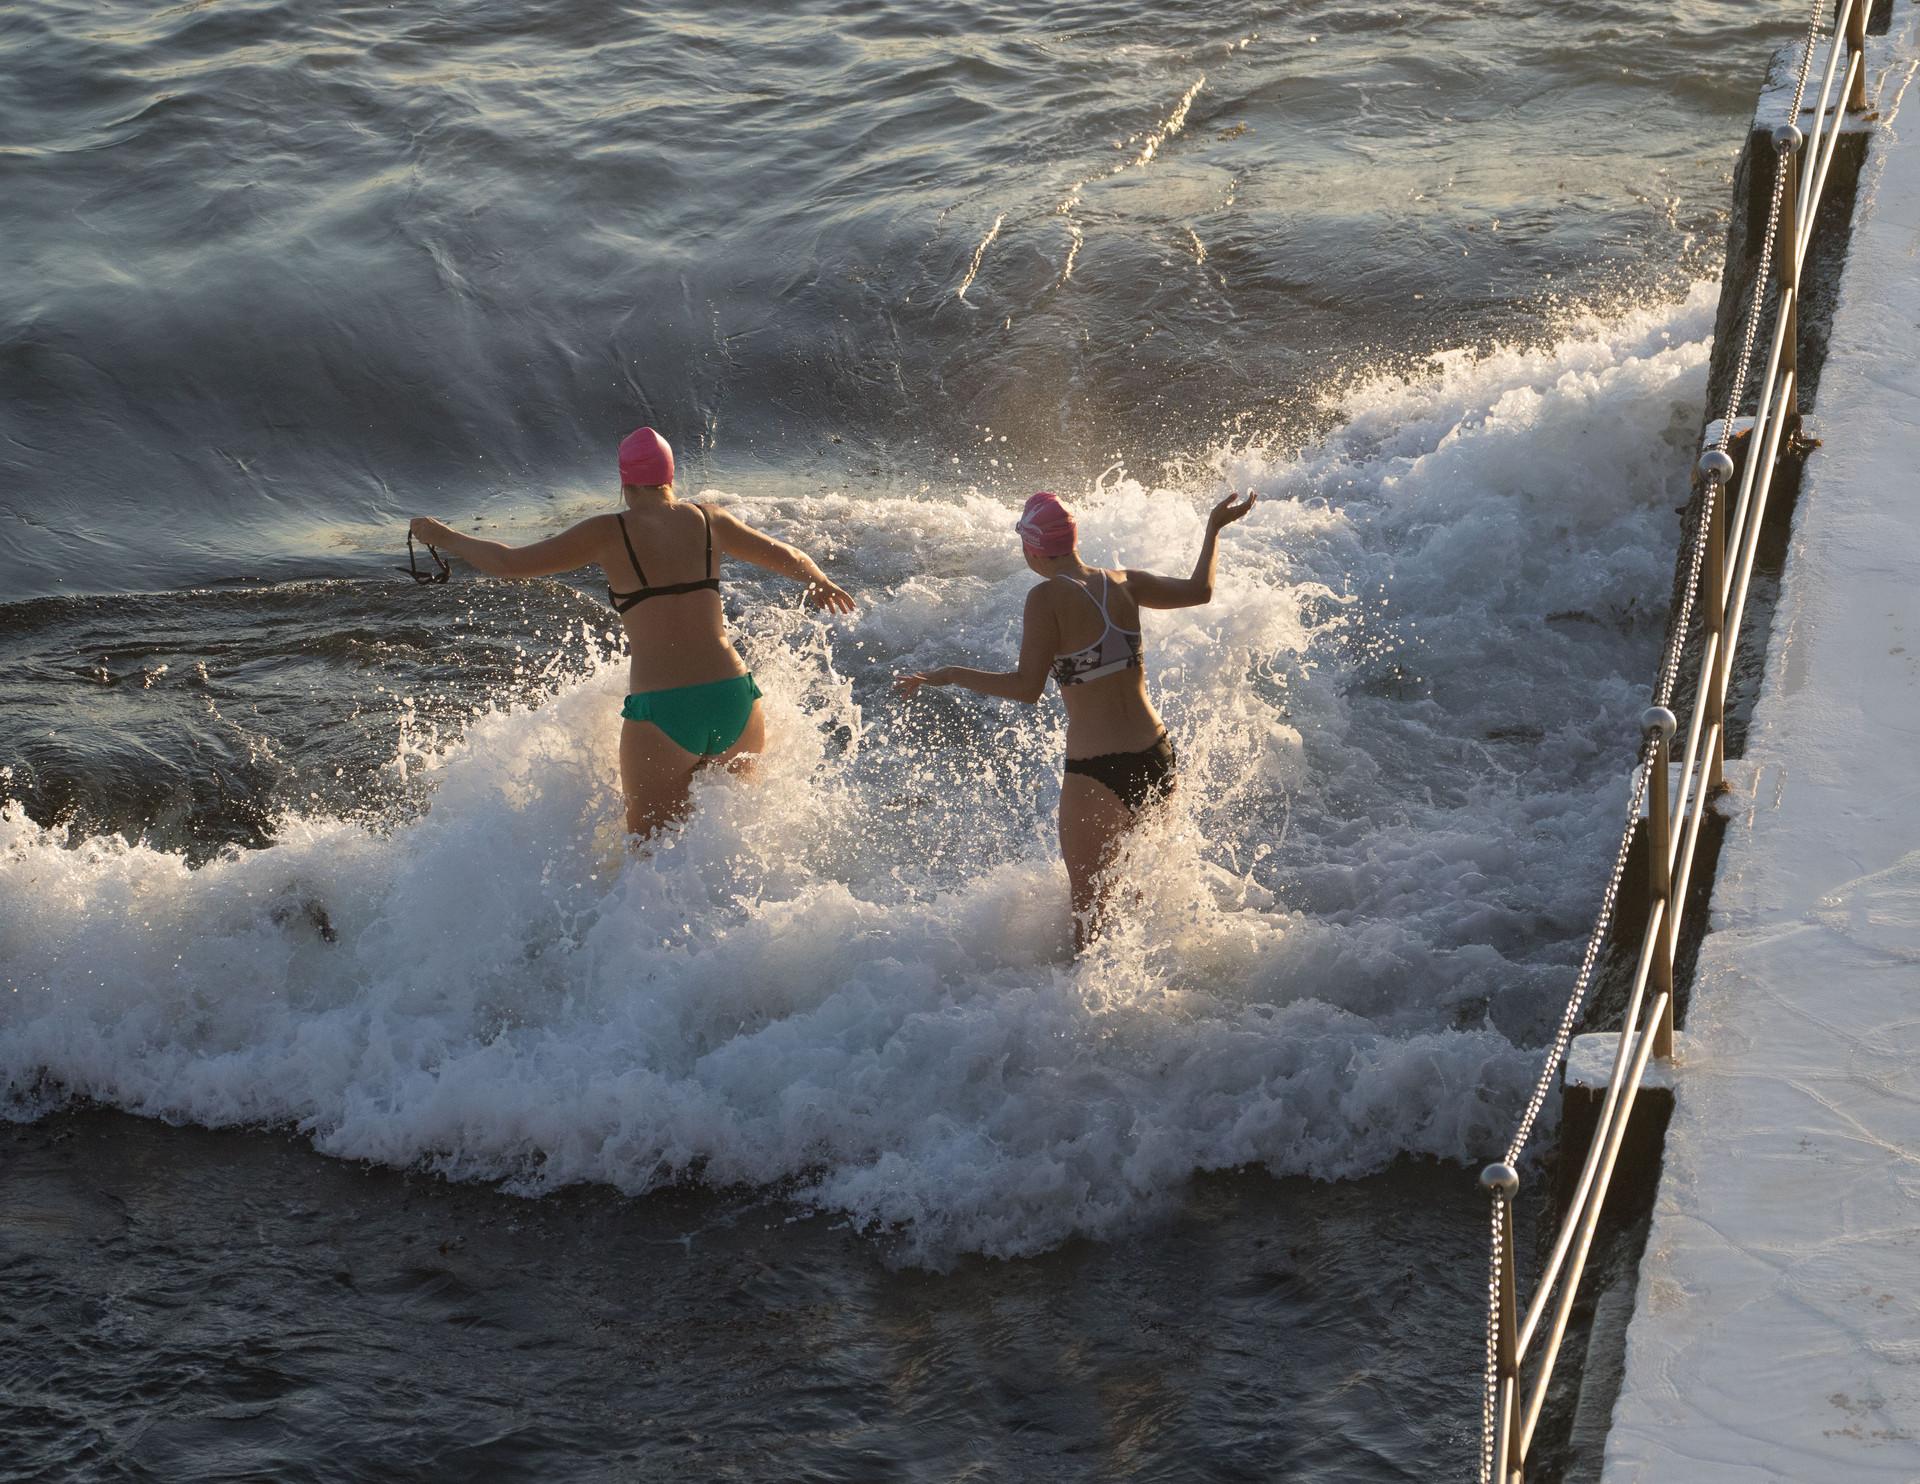 start of cross-bondi swim